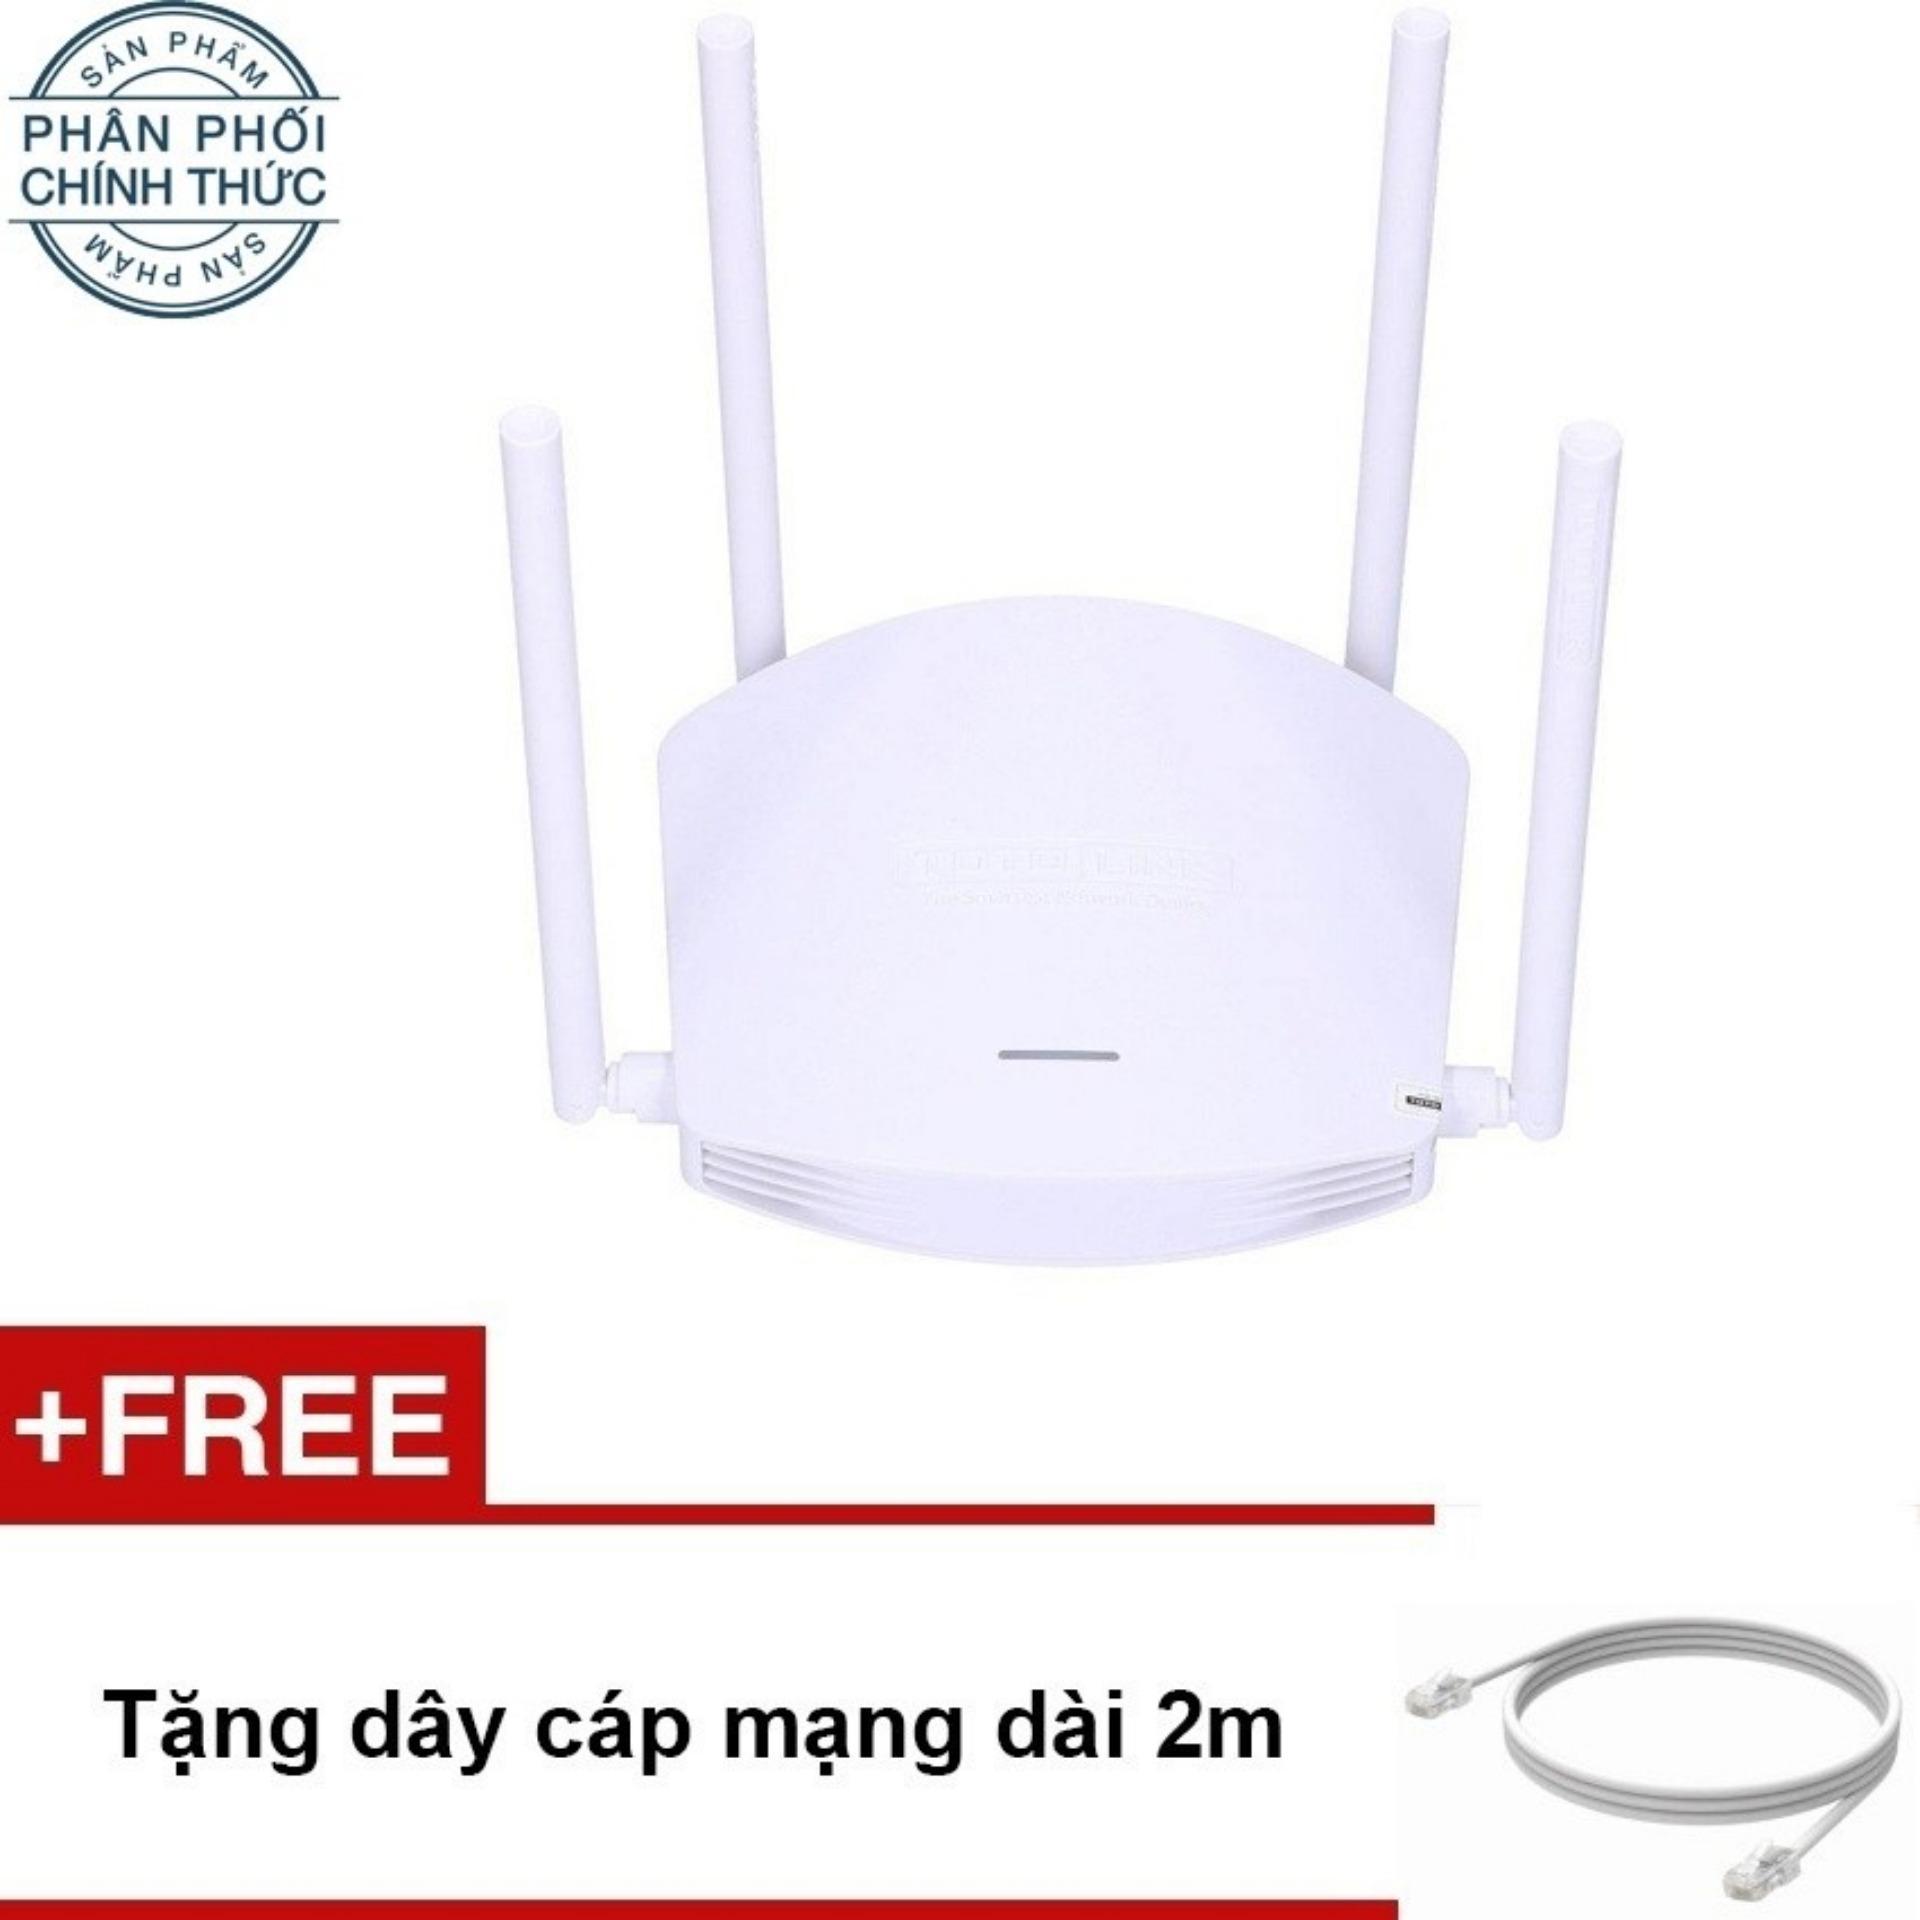 Hình ảnh Bộ phát Wifi Totolink N600R 600Mbps (Trắng) – Hãng phân phối chính thức